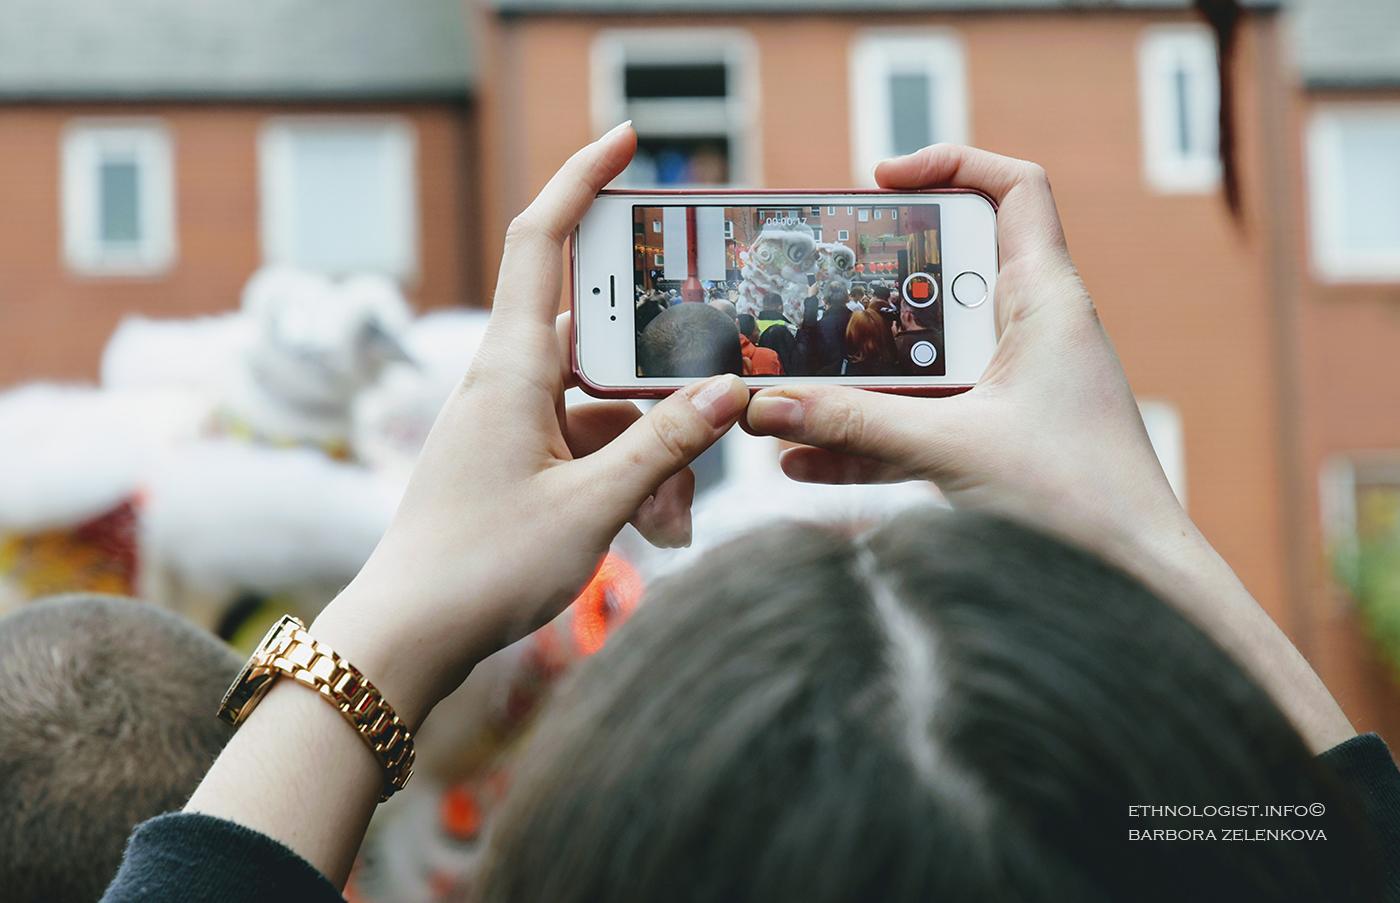 Letošní čínské oslavy Nového roku v Londýně přilákaly rekordní počty lidí. Na kvalitní snímek nebo video čekali lidé dlouhé fronty. Foto: Barbora Zelenková, Londýn, 2018.